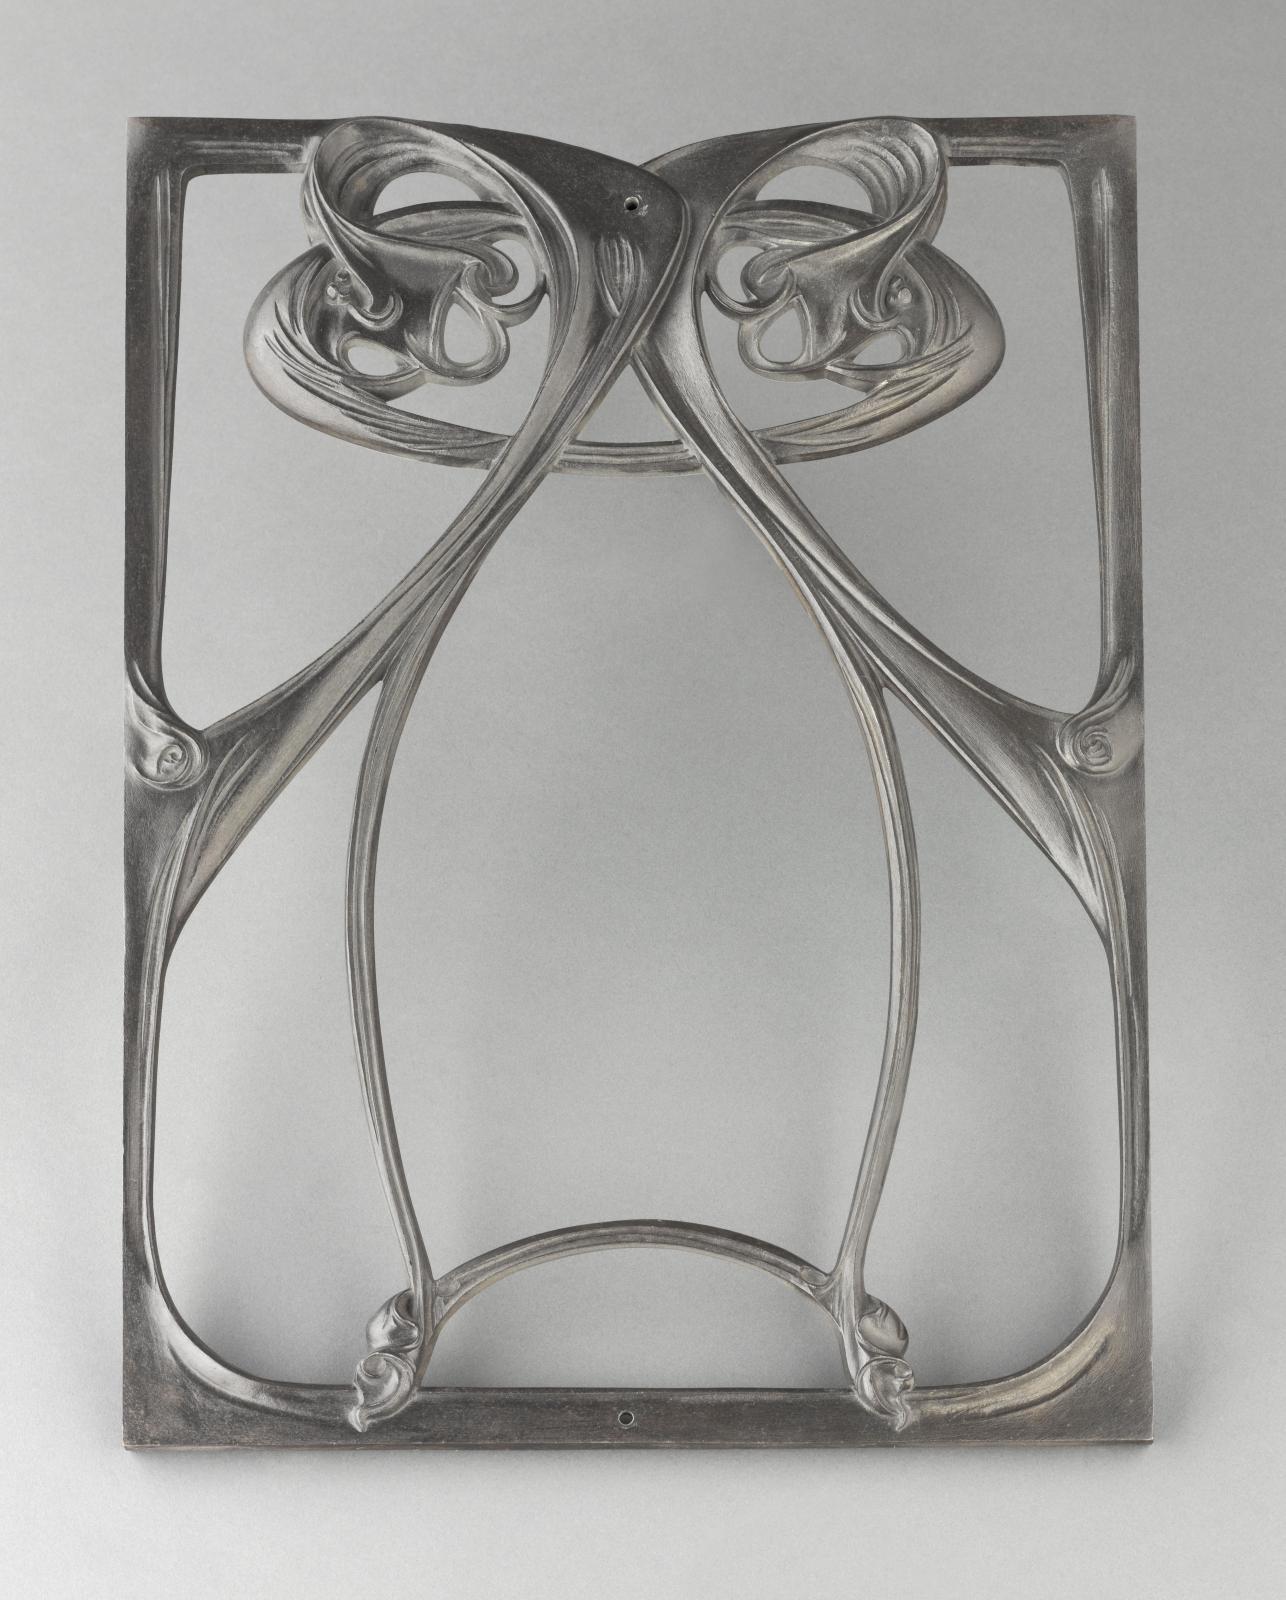 Hector Guimard, motif de balcon de croisée, entre 1905 et 1907, fonte, 51 x 38,7cm, musée d'Orsay. © RMN-Grand Palais (musée d'Orsay) / Stéphane Maré